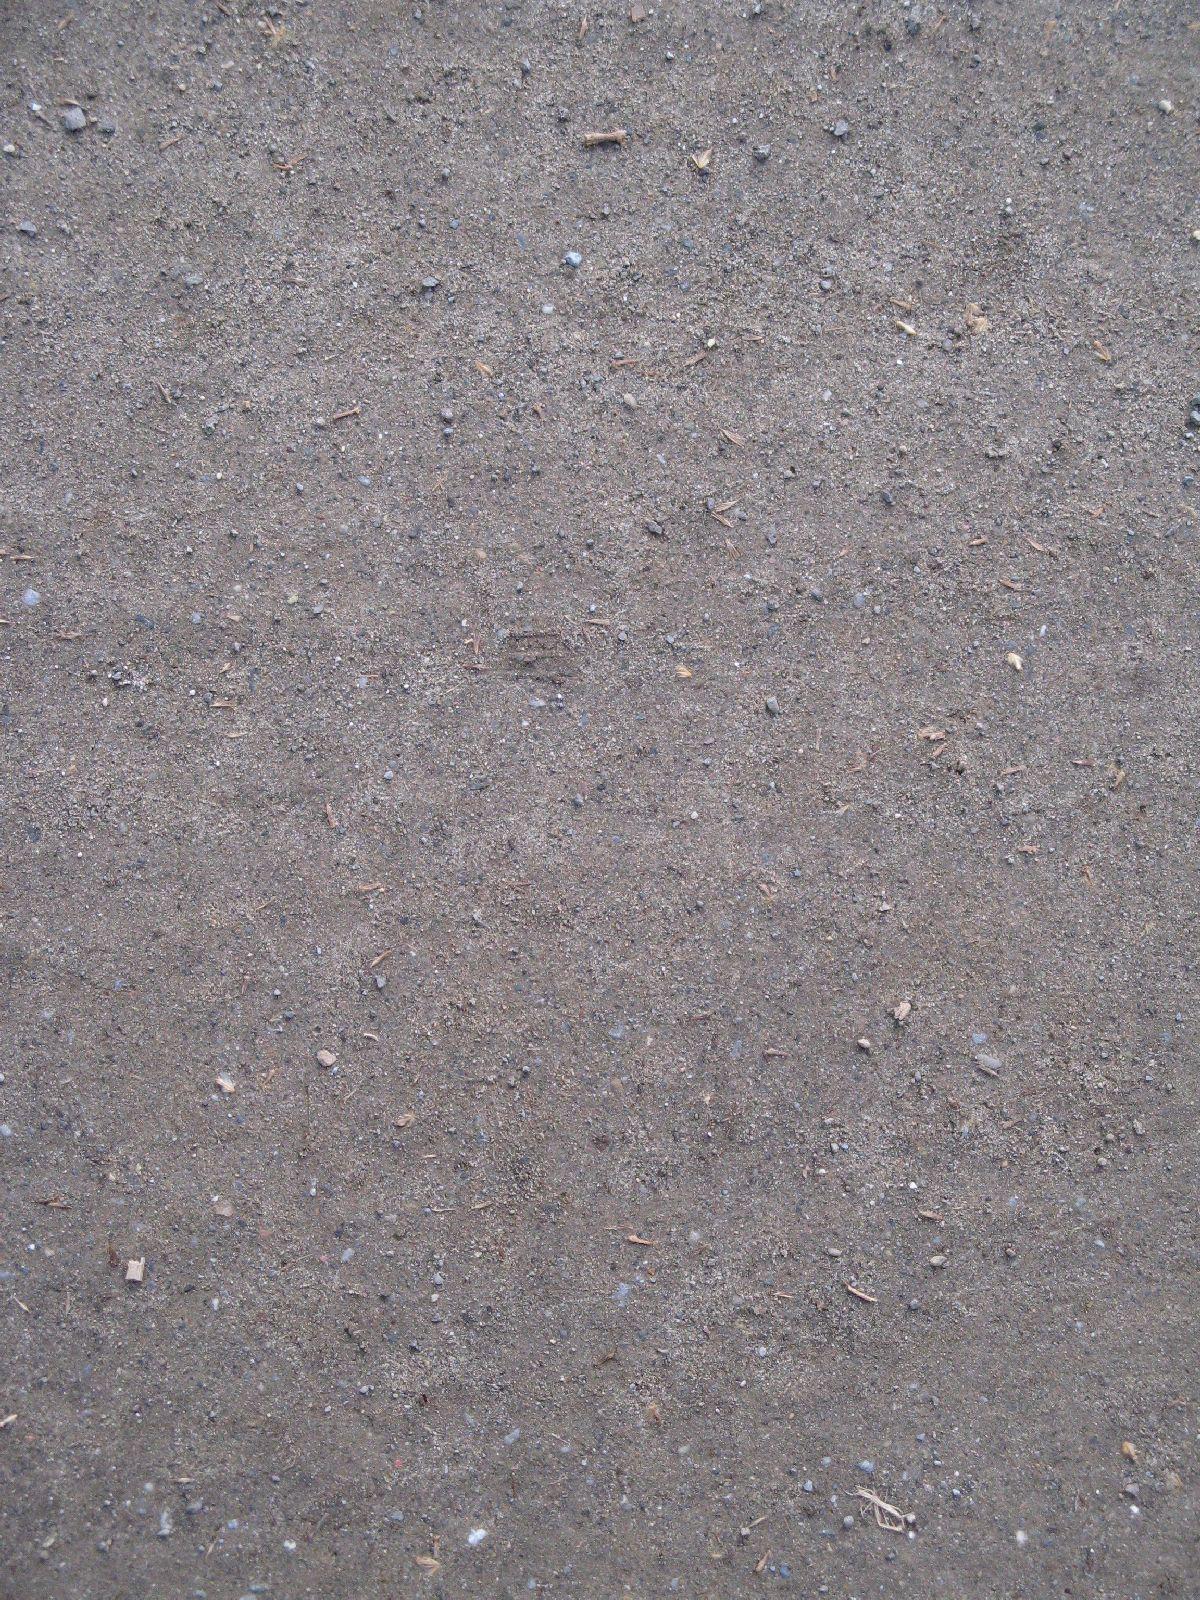 Ground-Urban_Texture_B_3816